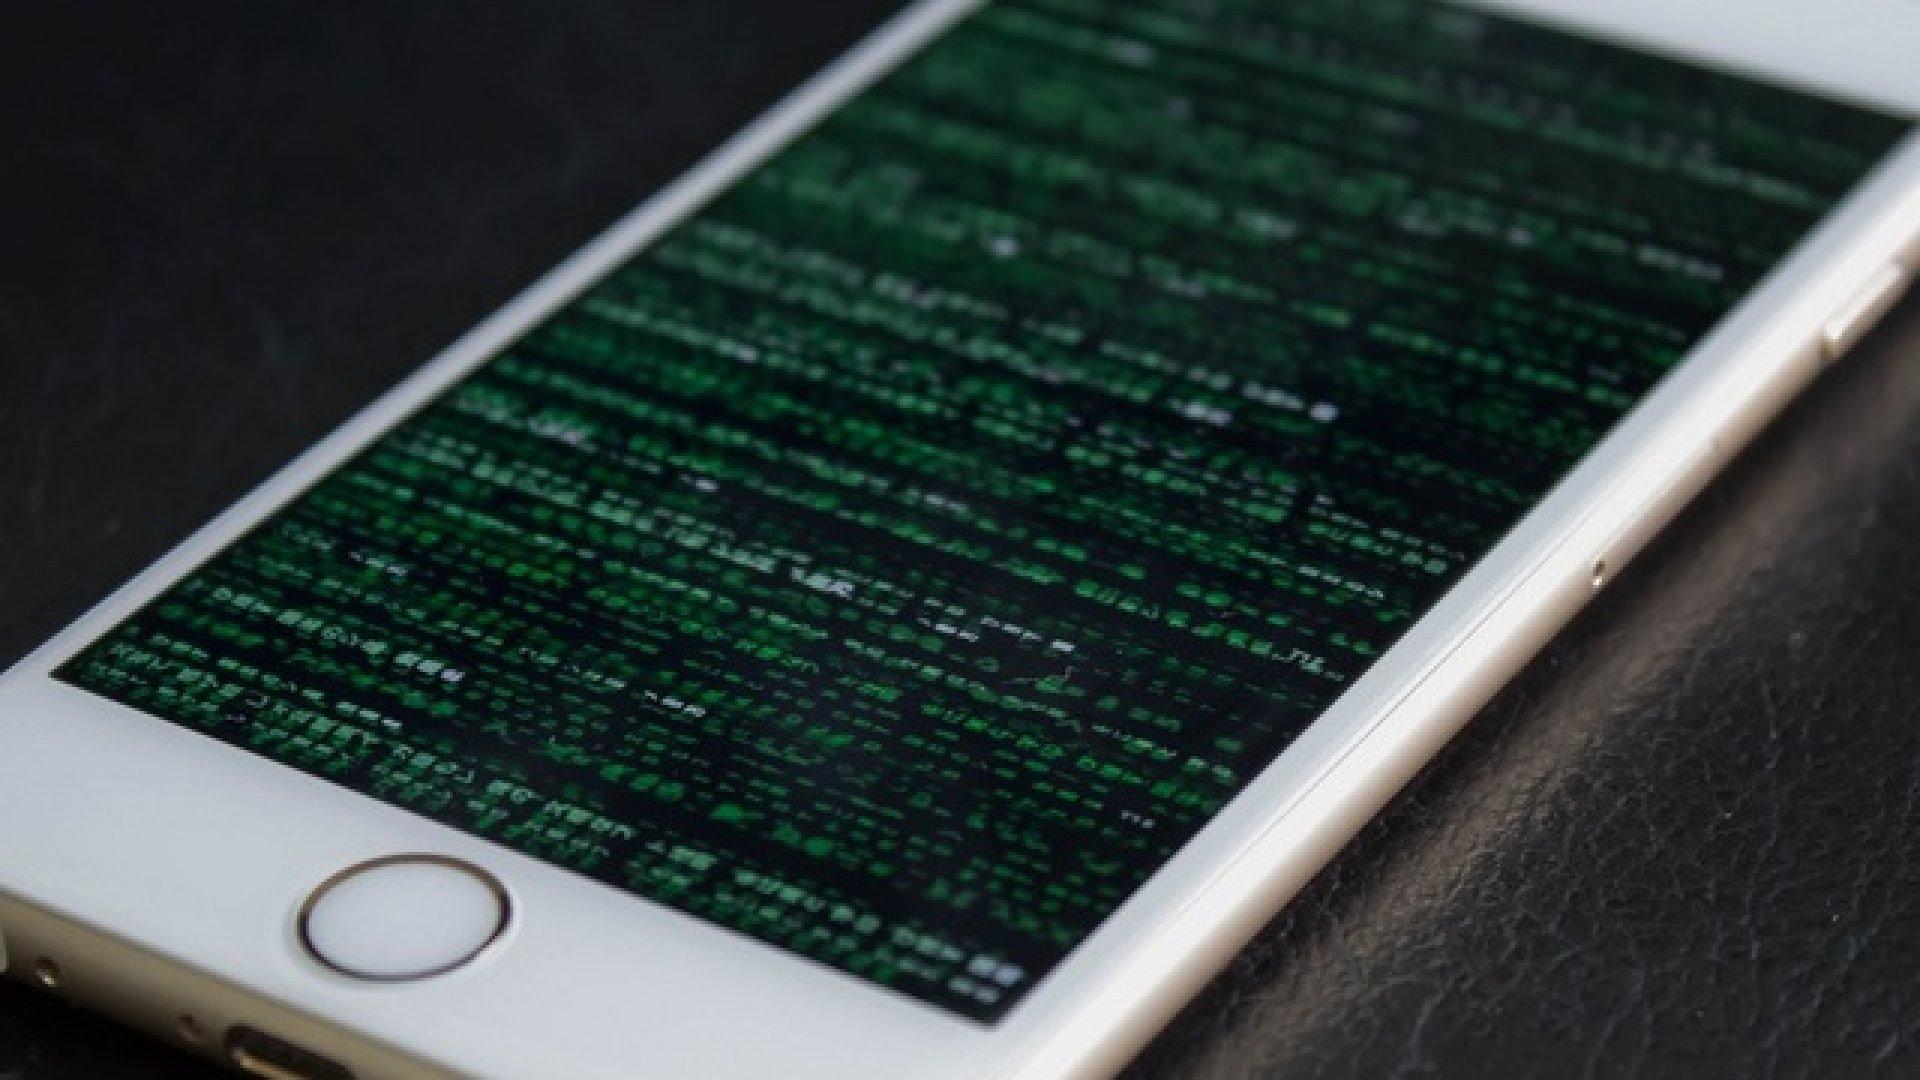 Вышел непривязанный джейлбрейк iPhone до iOS 14.5.1